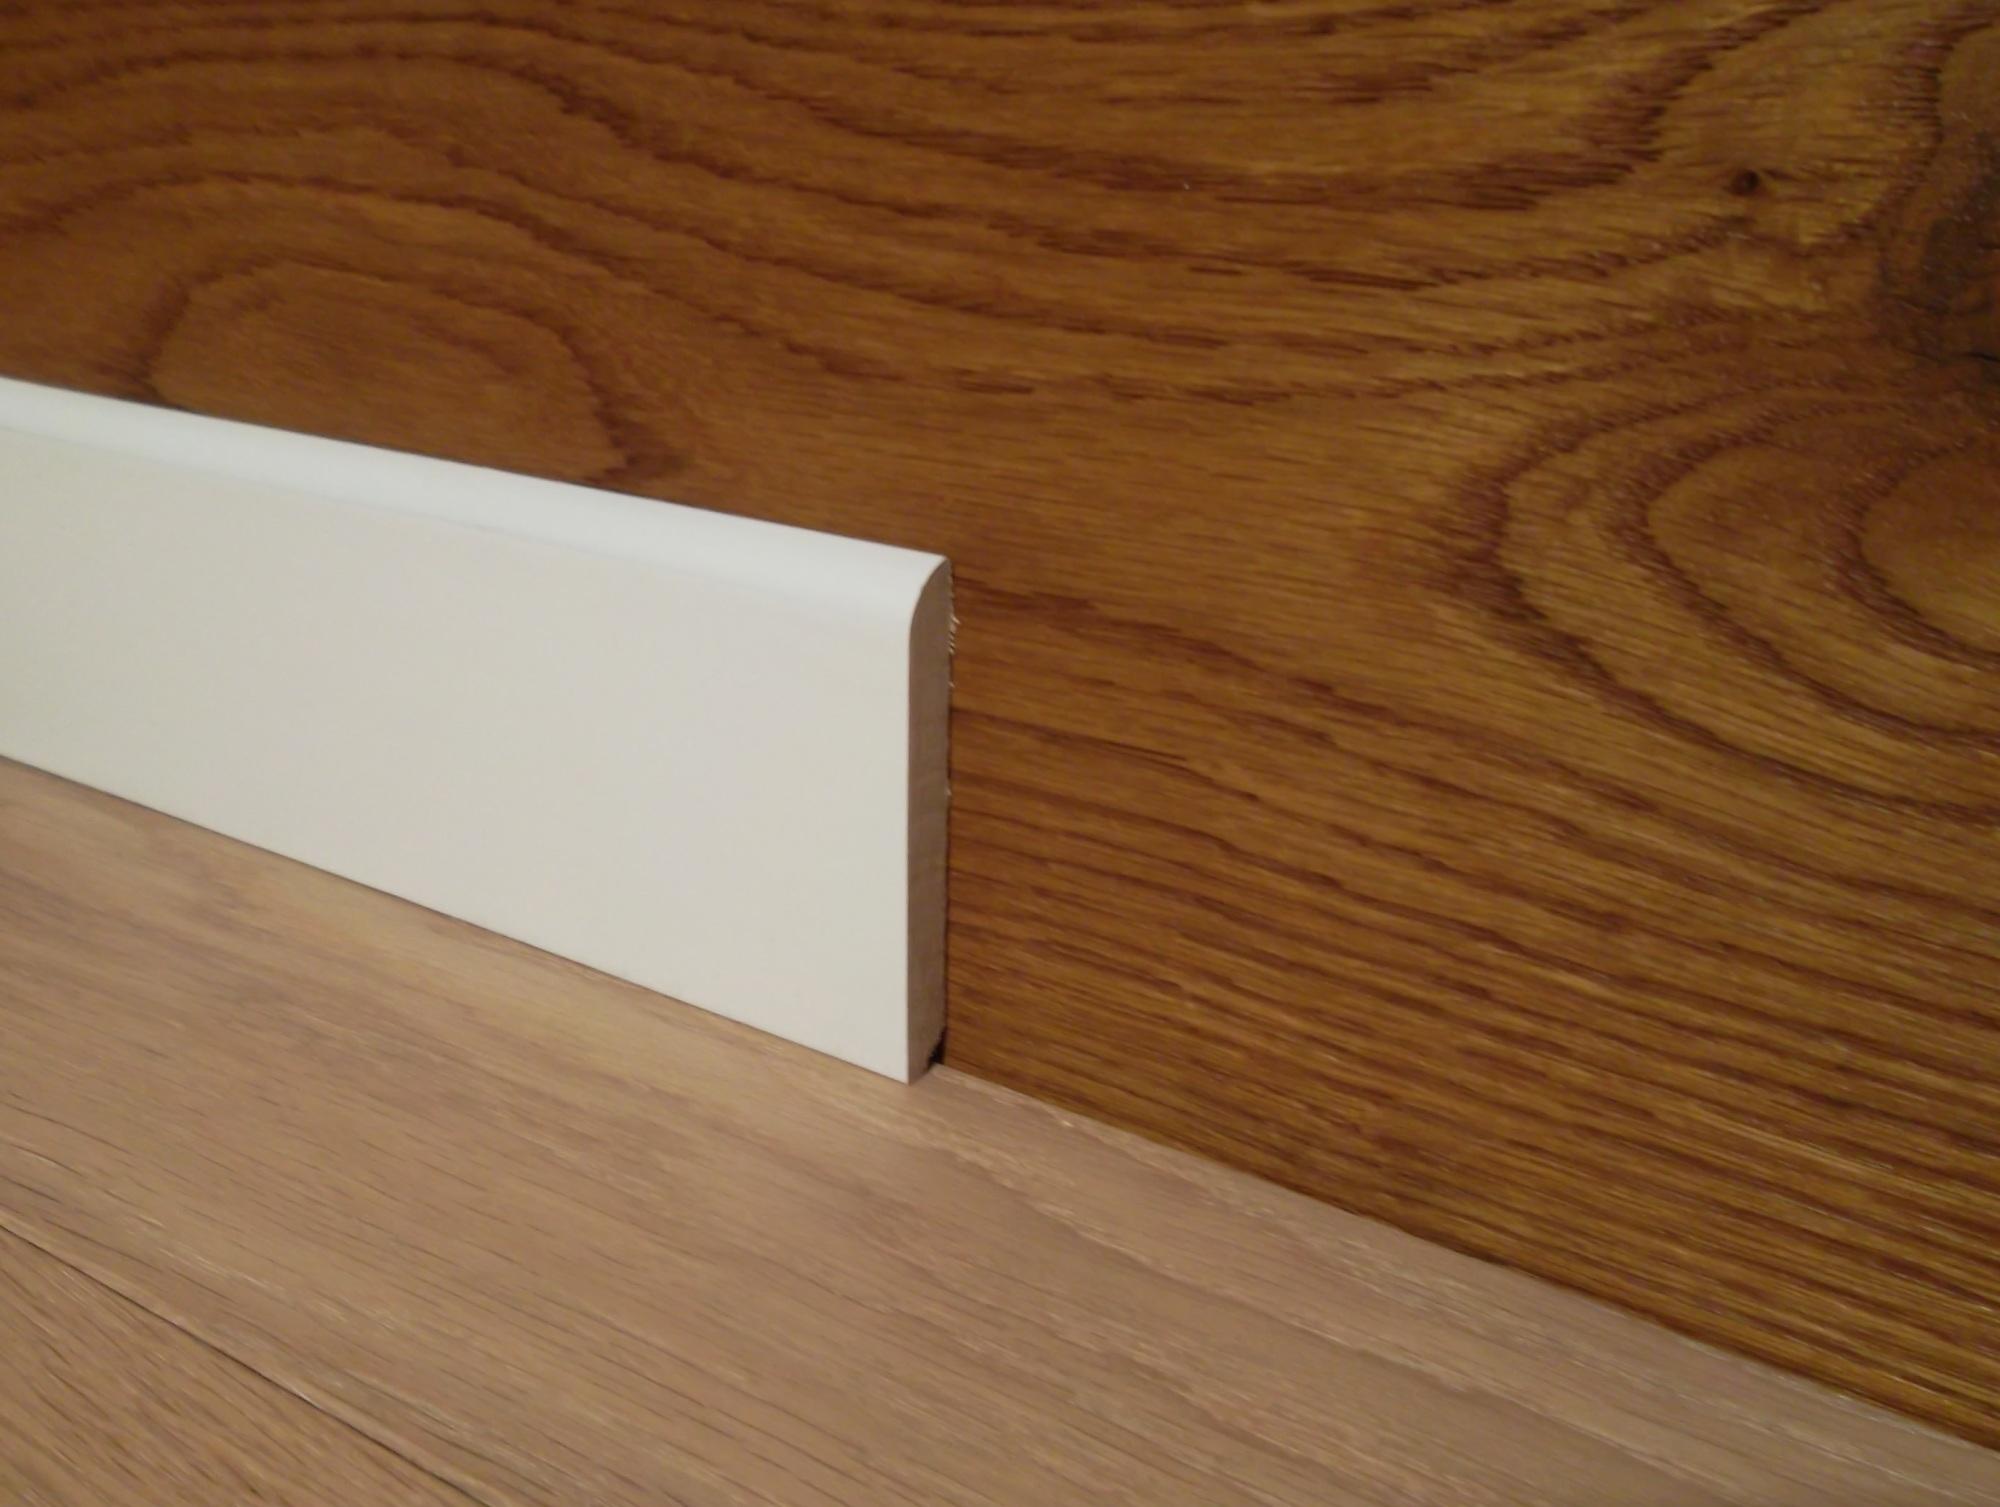 Battiscopa In Legno : Battiscopa legno mm laccato bianco om